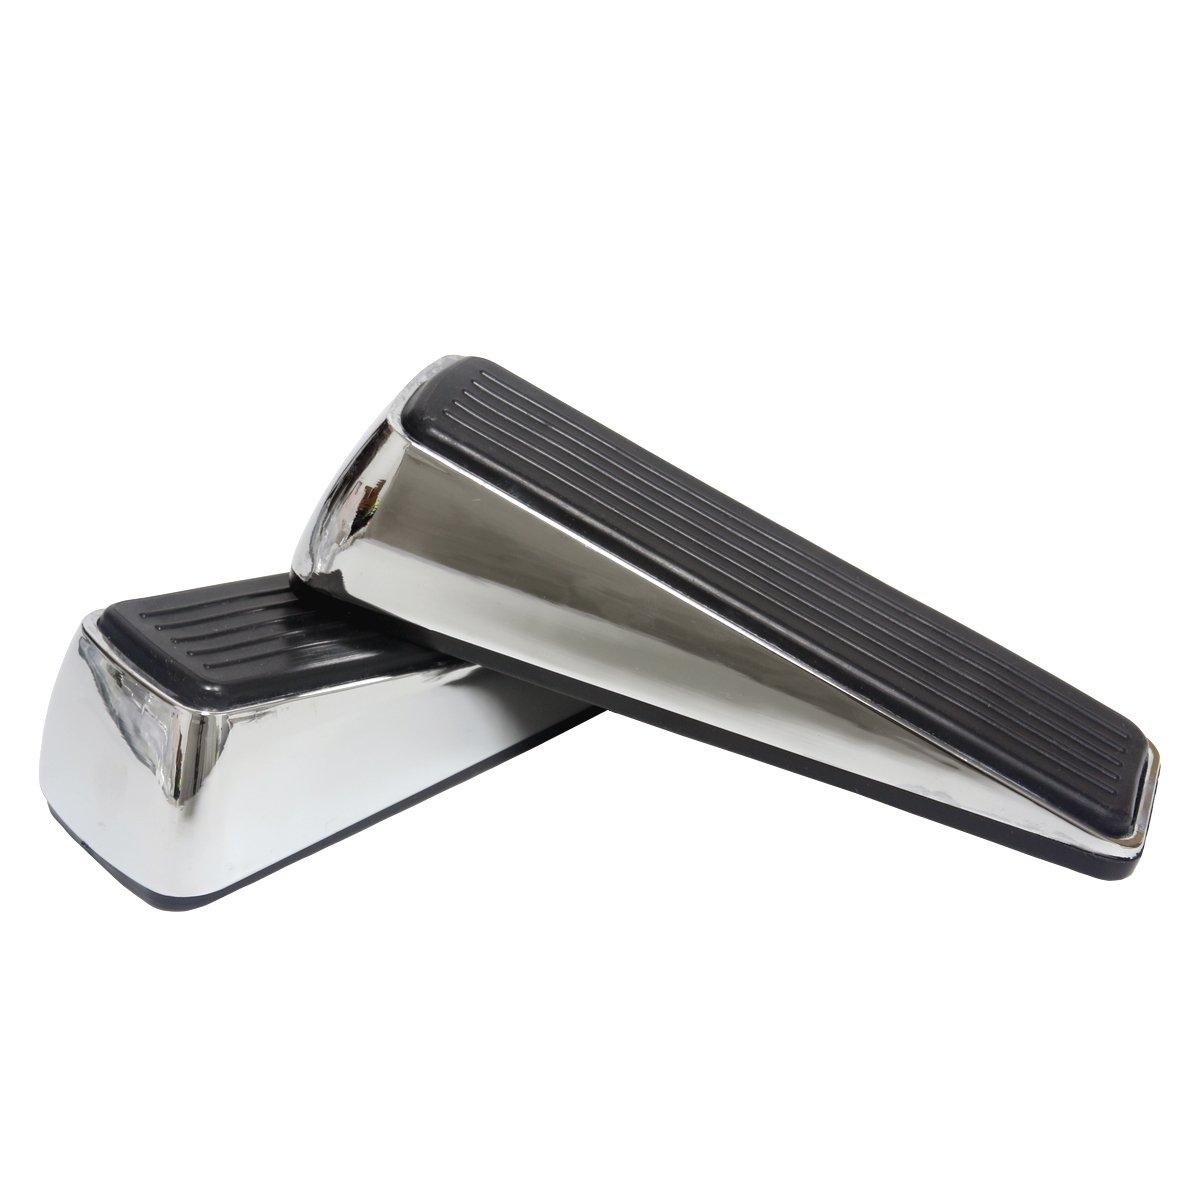 2Pcs Door Stoppers Heavy Duty Stainless Steel Door Wedge Metal Doorstop Bumper Buffer with Rubber